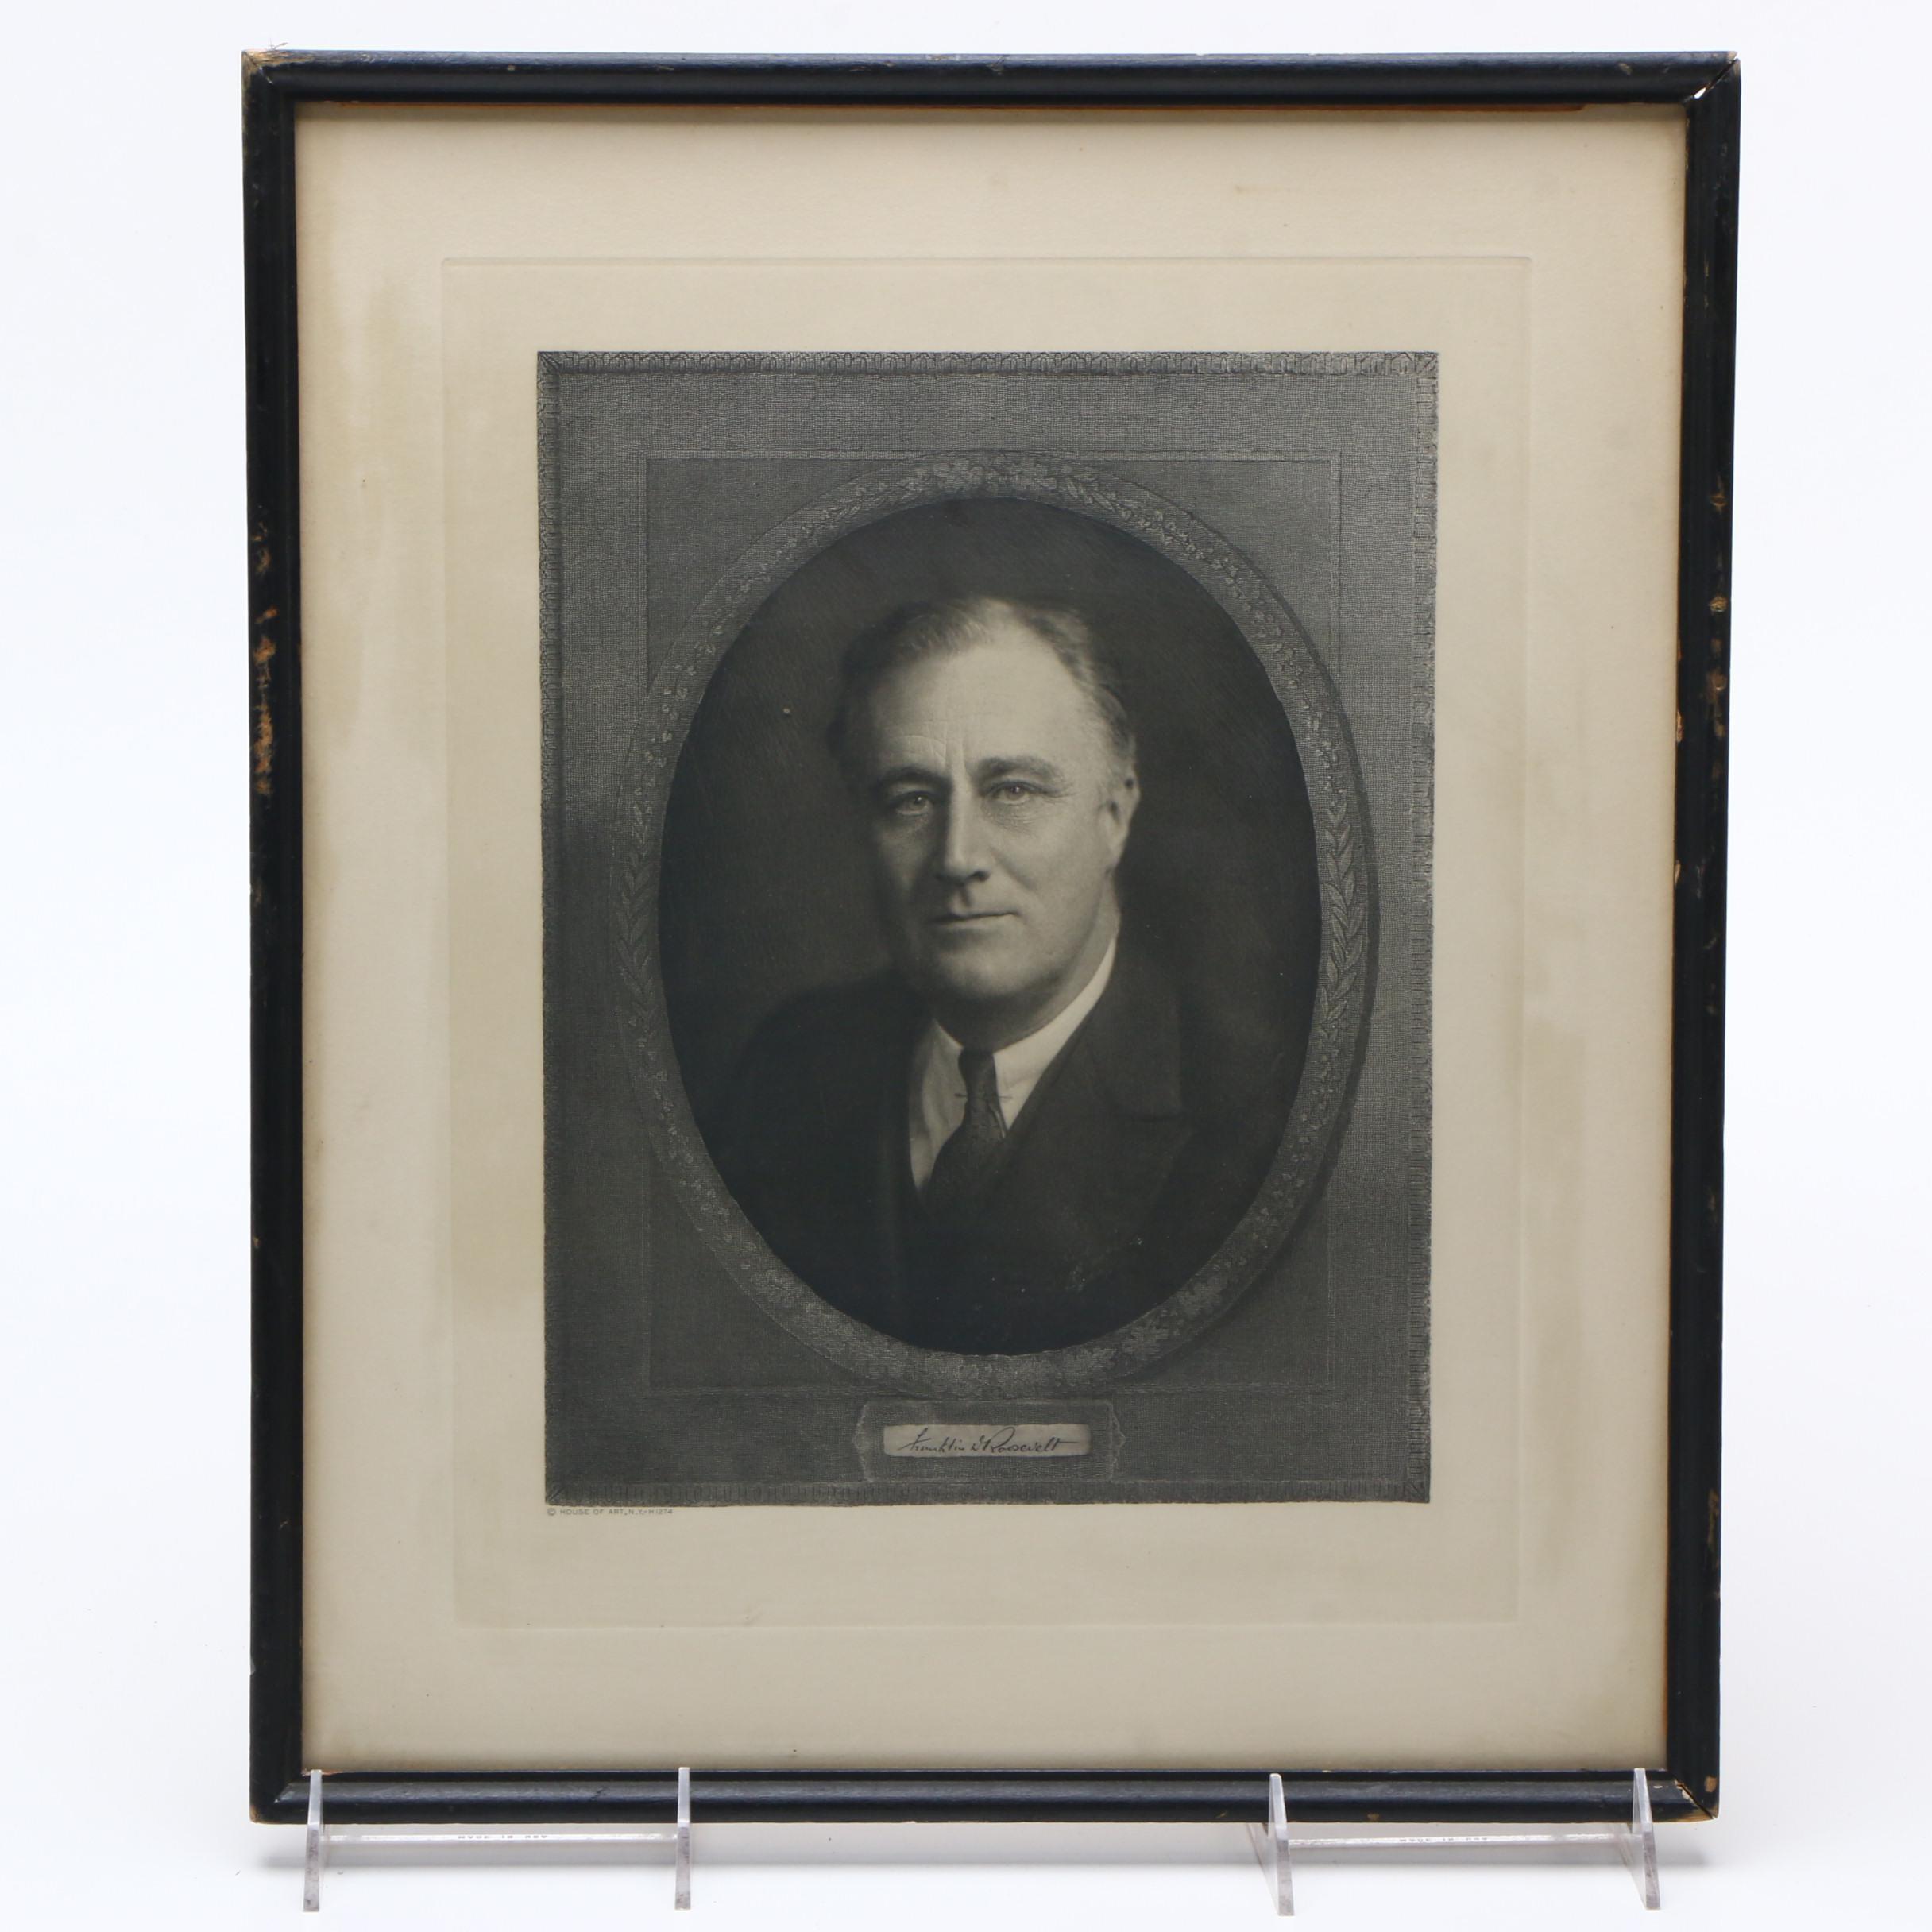 Engraving on Paper Portrait of President Franklin D. Roosevelt